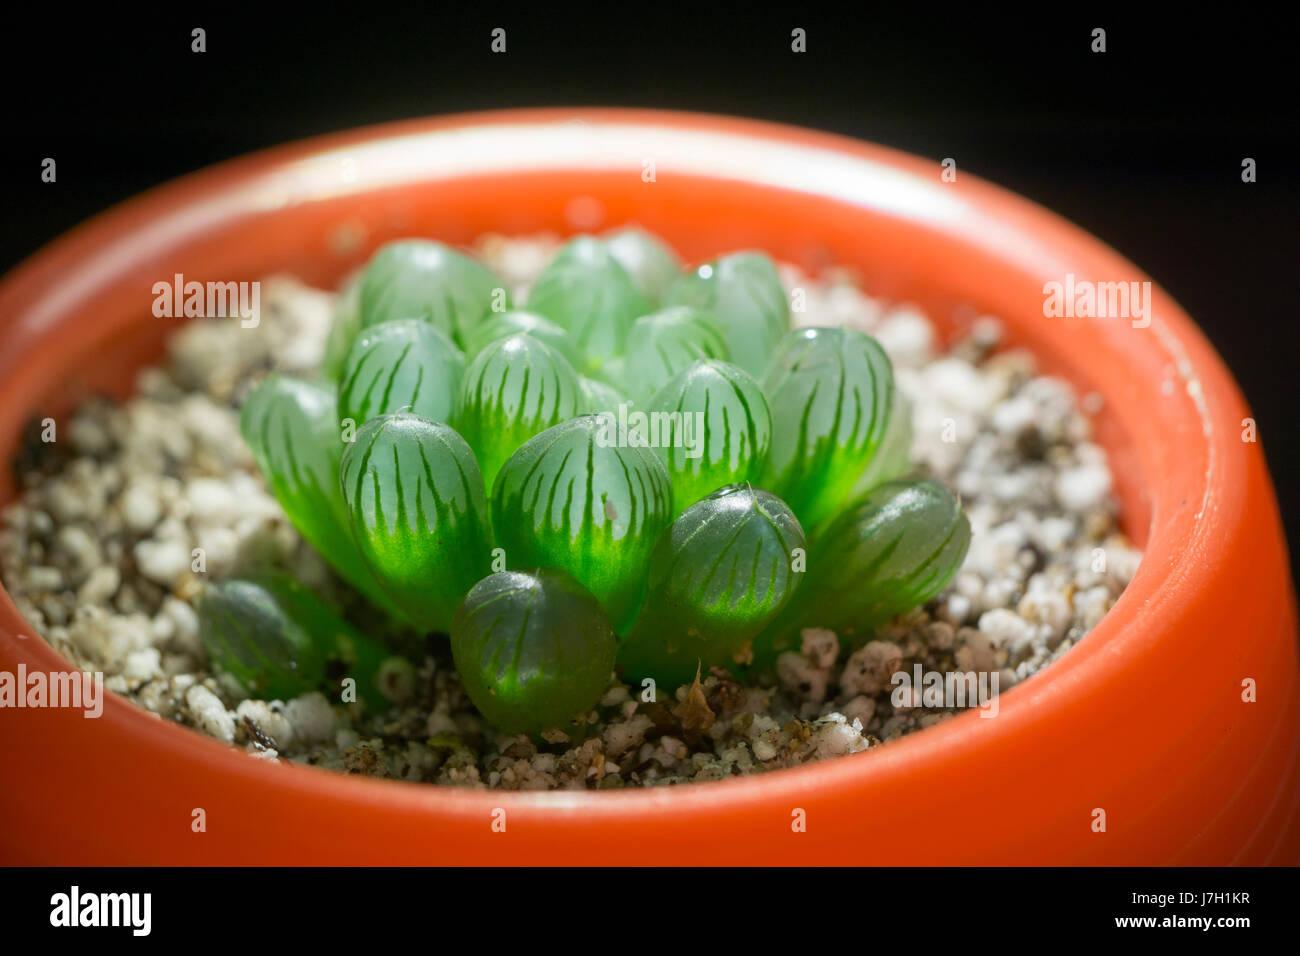 Haworthia Cooperi in a cup Stock Photo